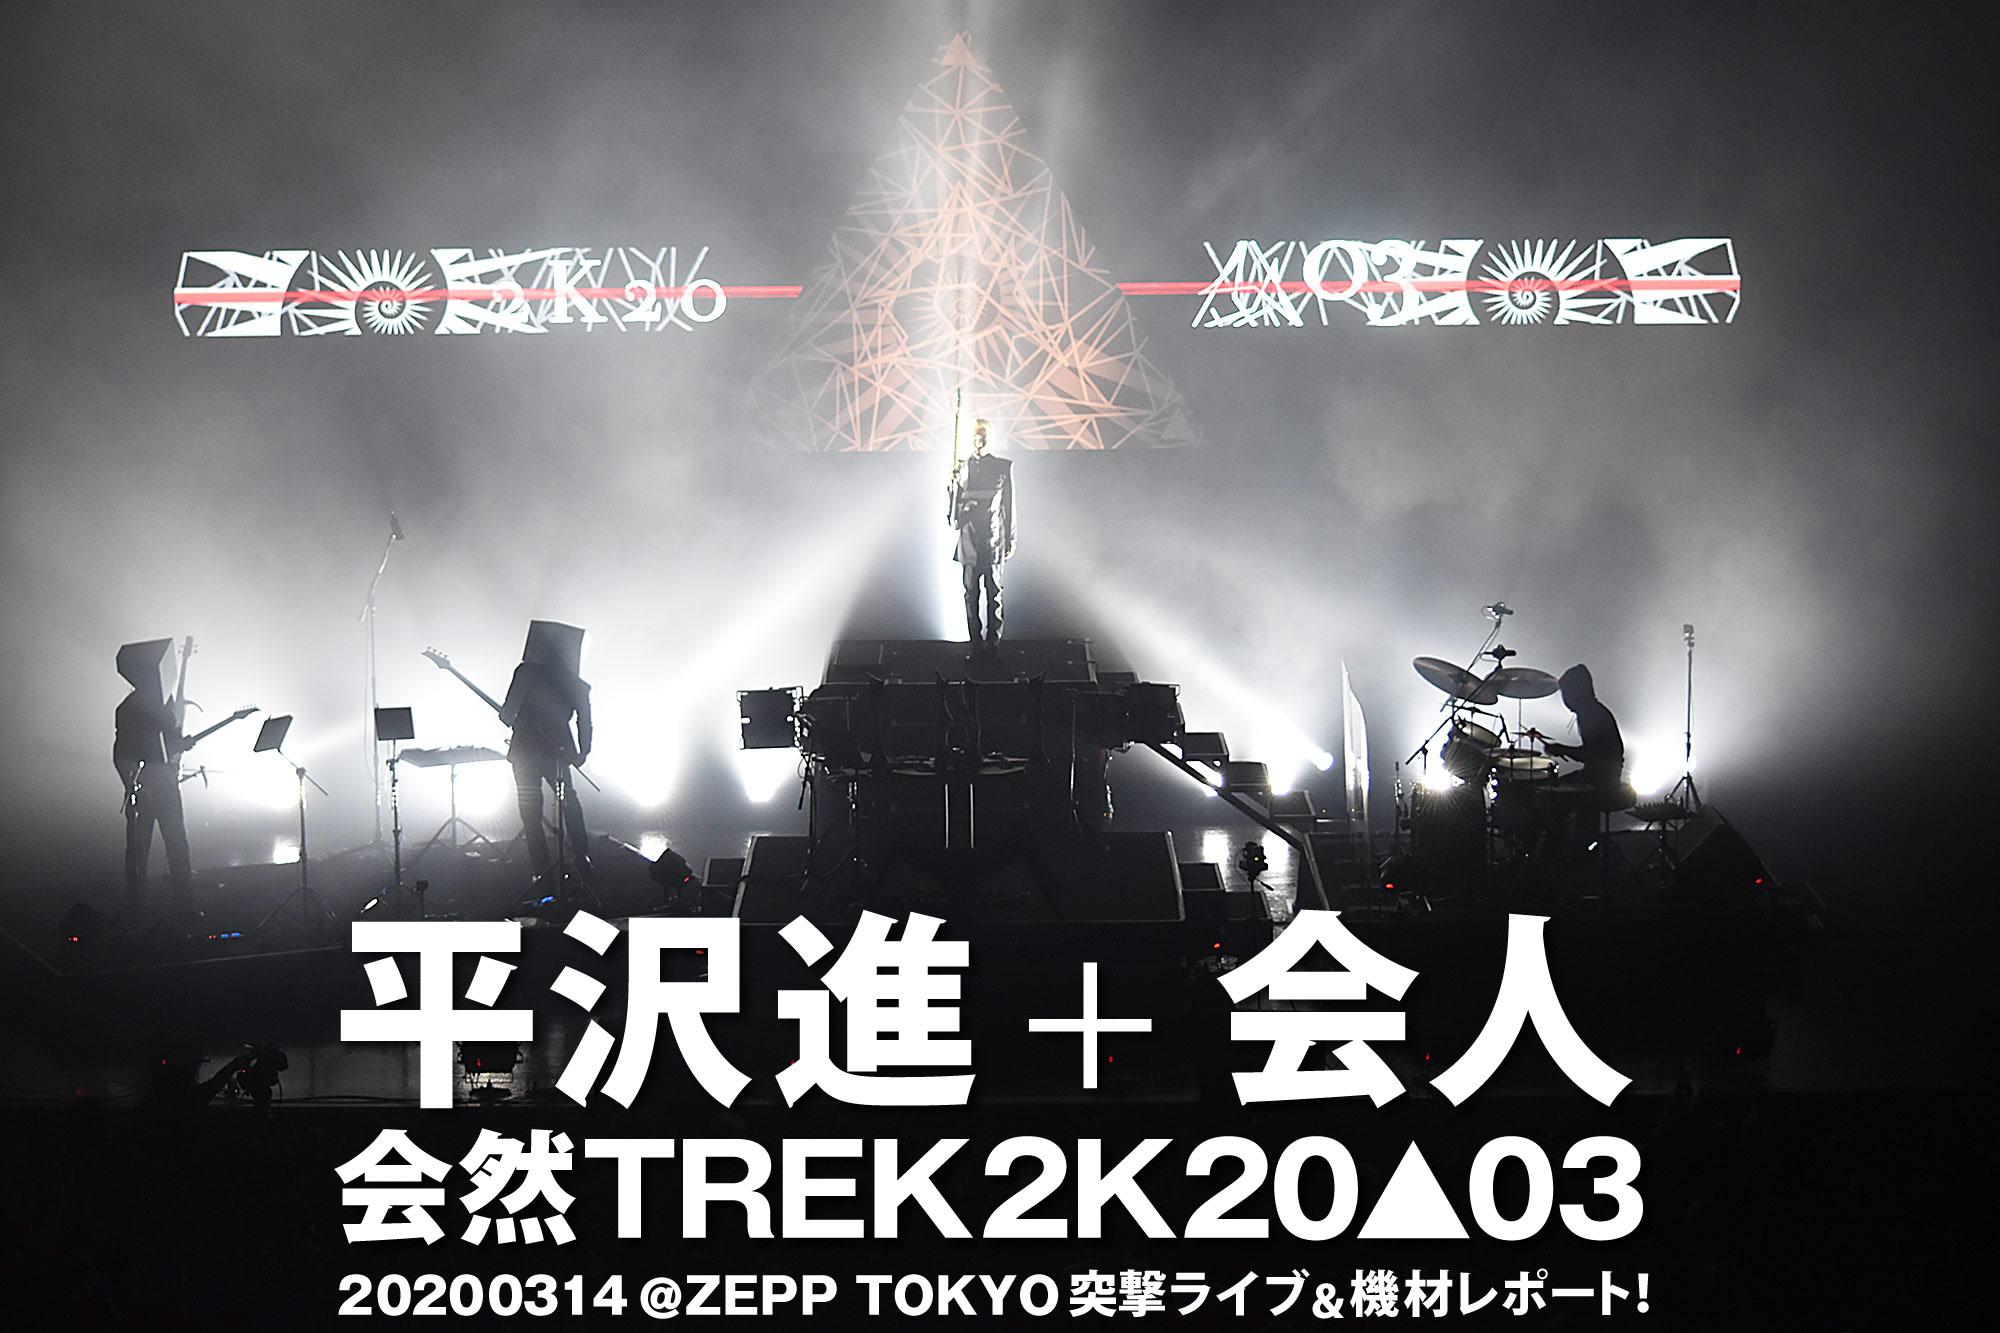 平沢進+会人 会然TREK2K20▲03 20200314 @ZEPP TOKYO突撃ライブ&機材レポート!